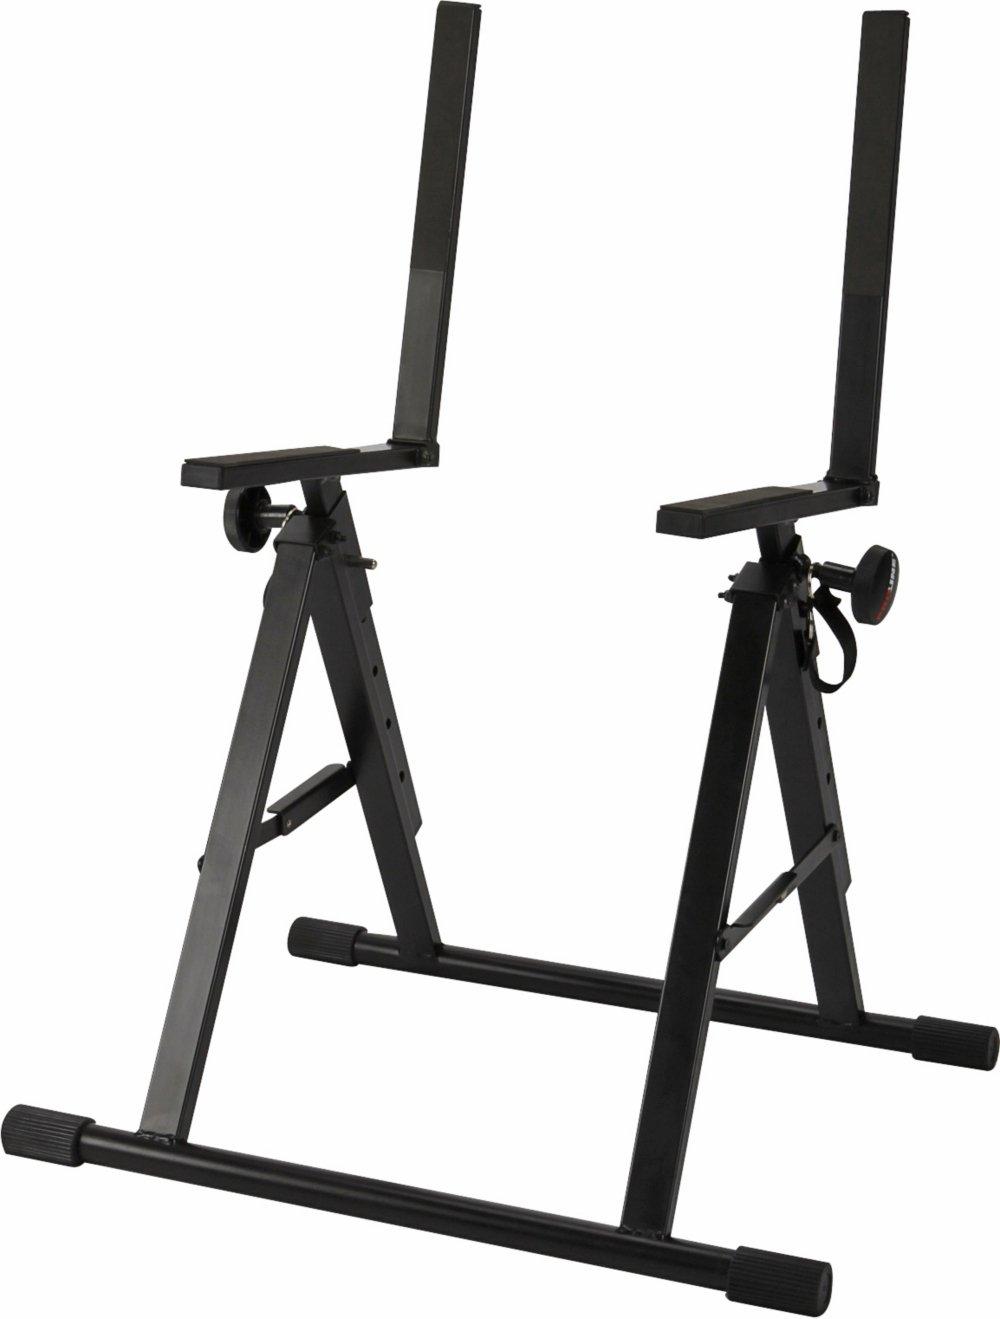 ProLine PL7000 Adjustable Amp Stand Black PL-AS